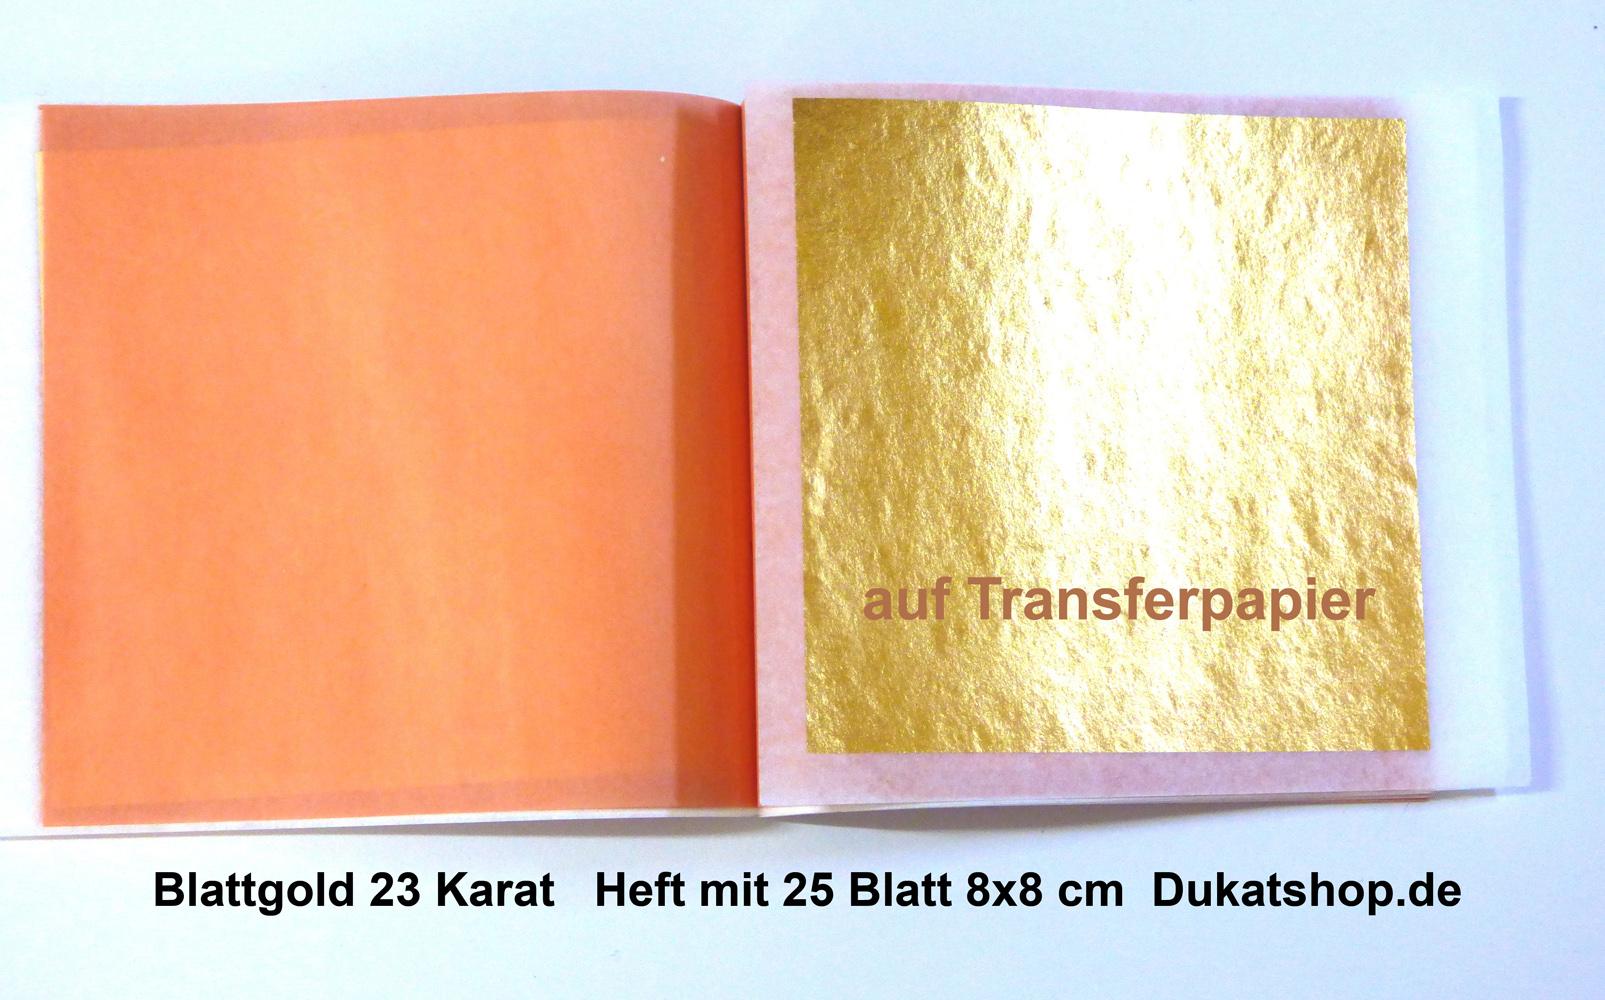 1 Heft, 10 Blatt, 23 Karat 14 Gr., 8x8 cm, Transferpapier